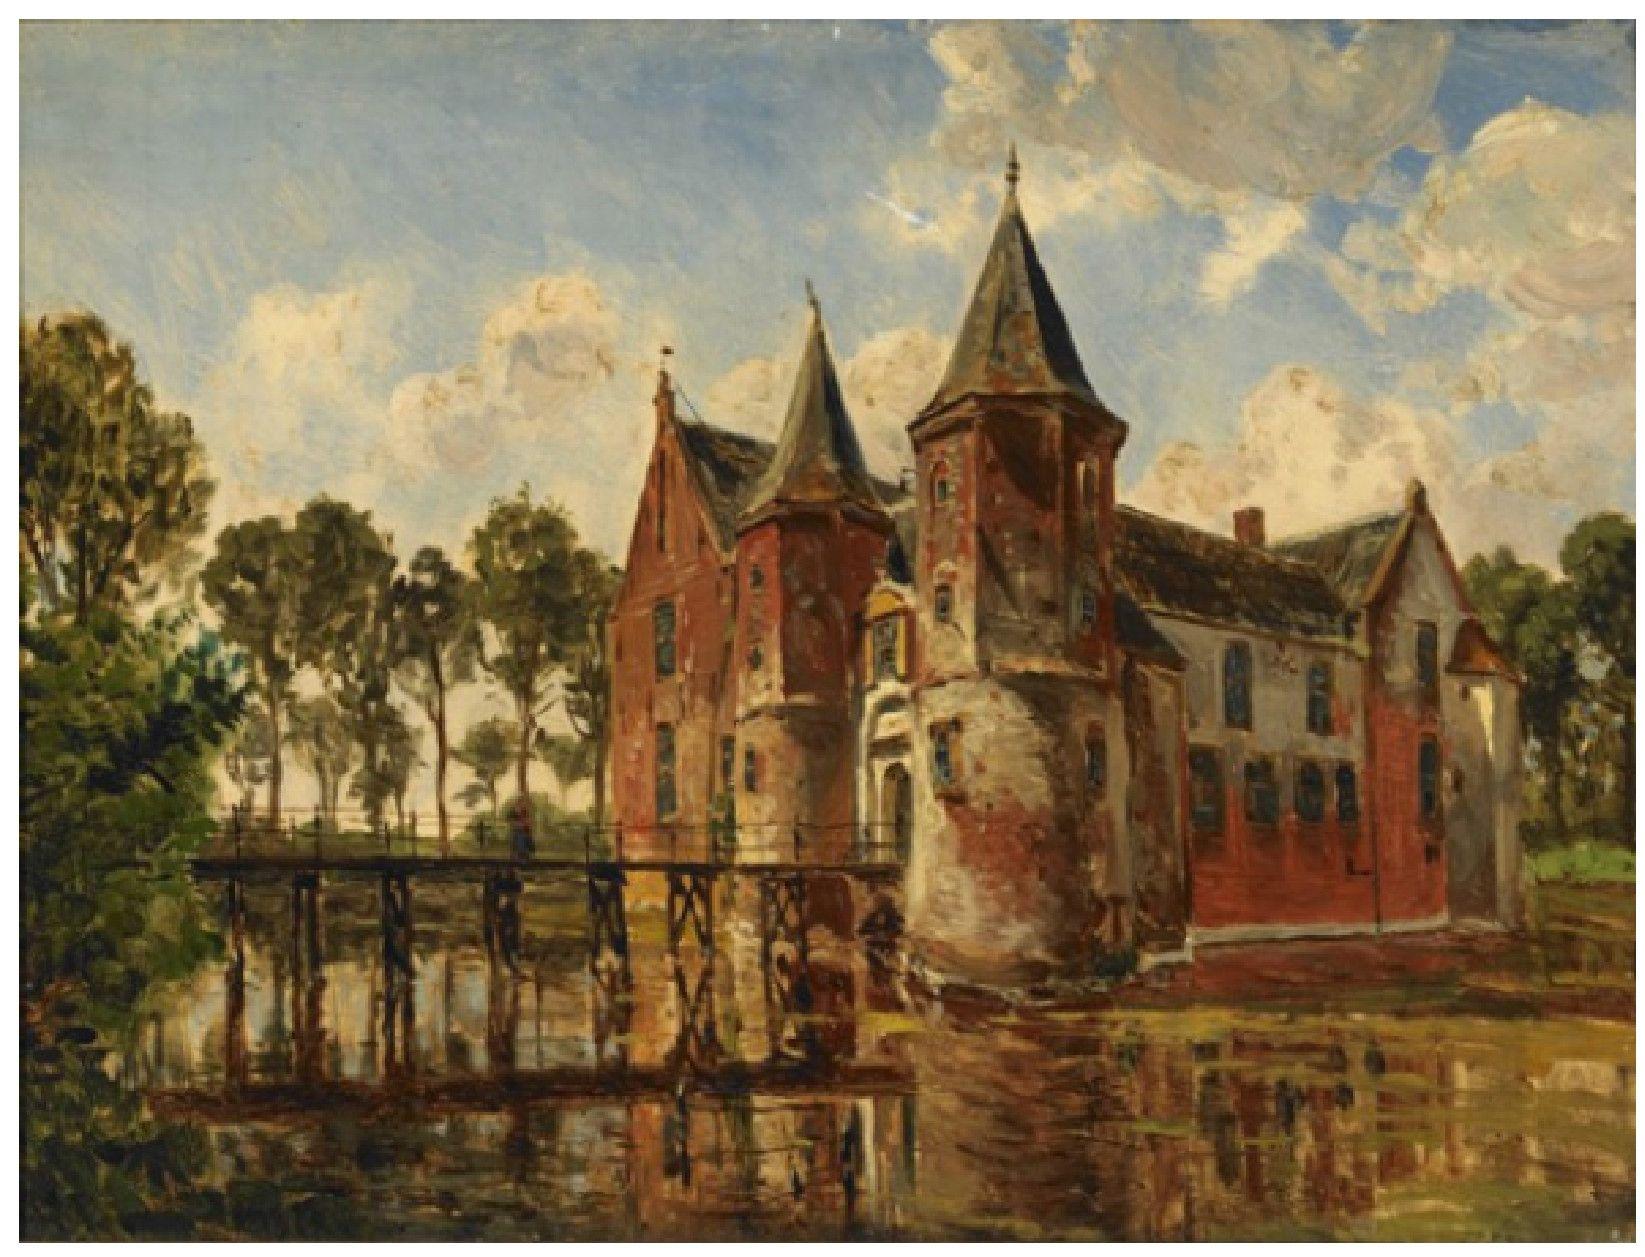 Gezicht op Popkensburg; door Willem Jan van den Berghe, tweede helft negentiende eeuw. (Koninklijk Zeeuwsch Genootschap der Wetenschappen)